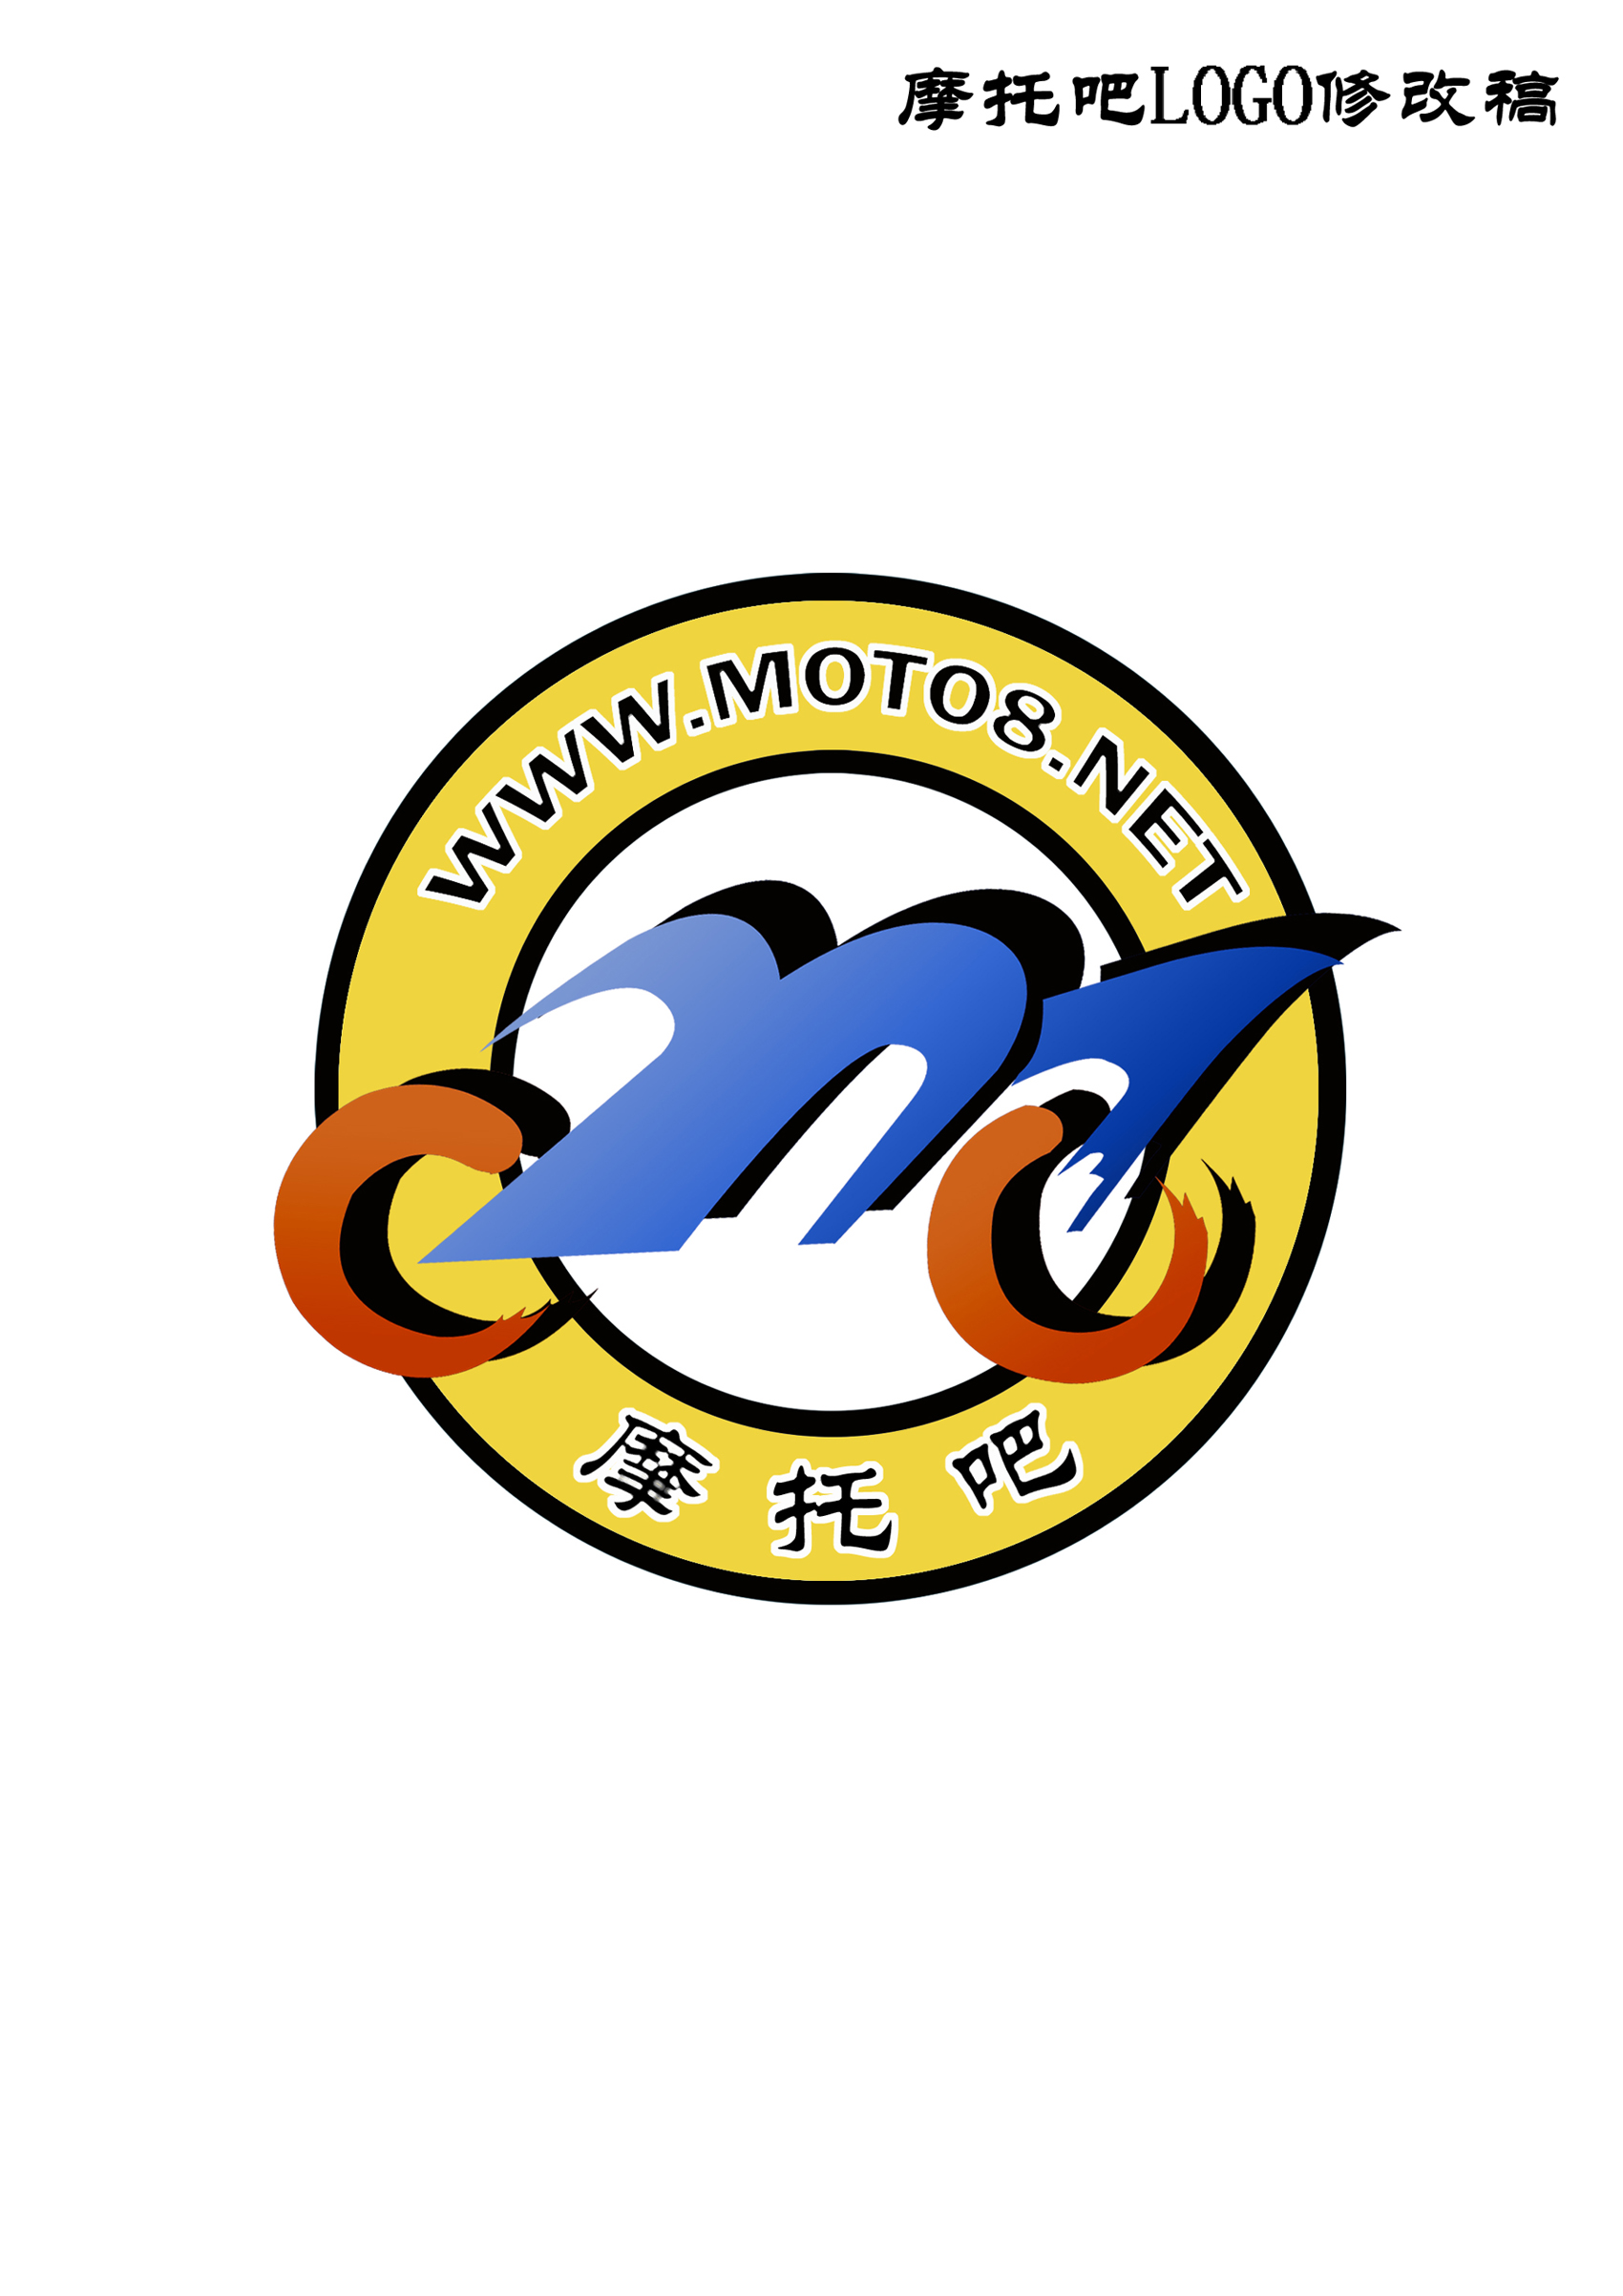 logo修改及名片钥匙扣车贴设计